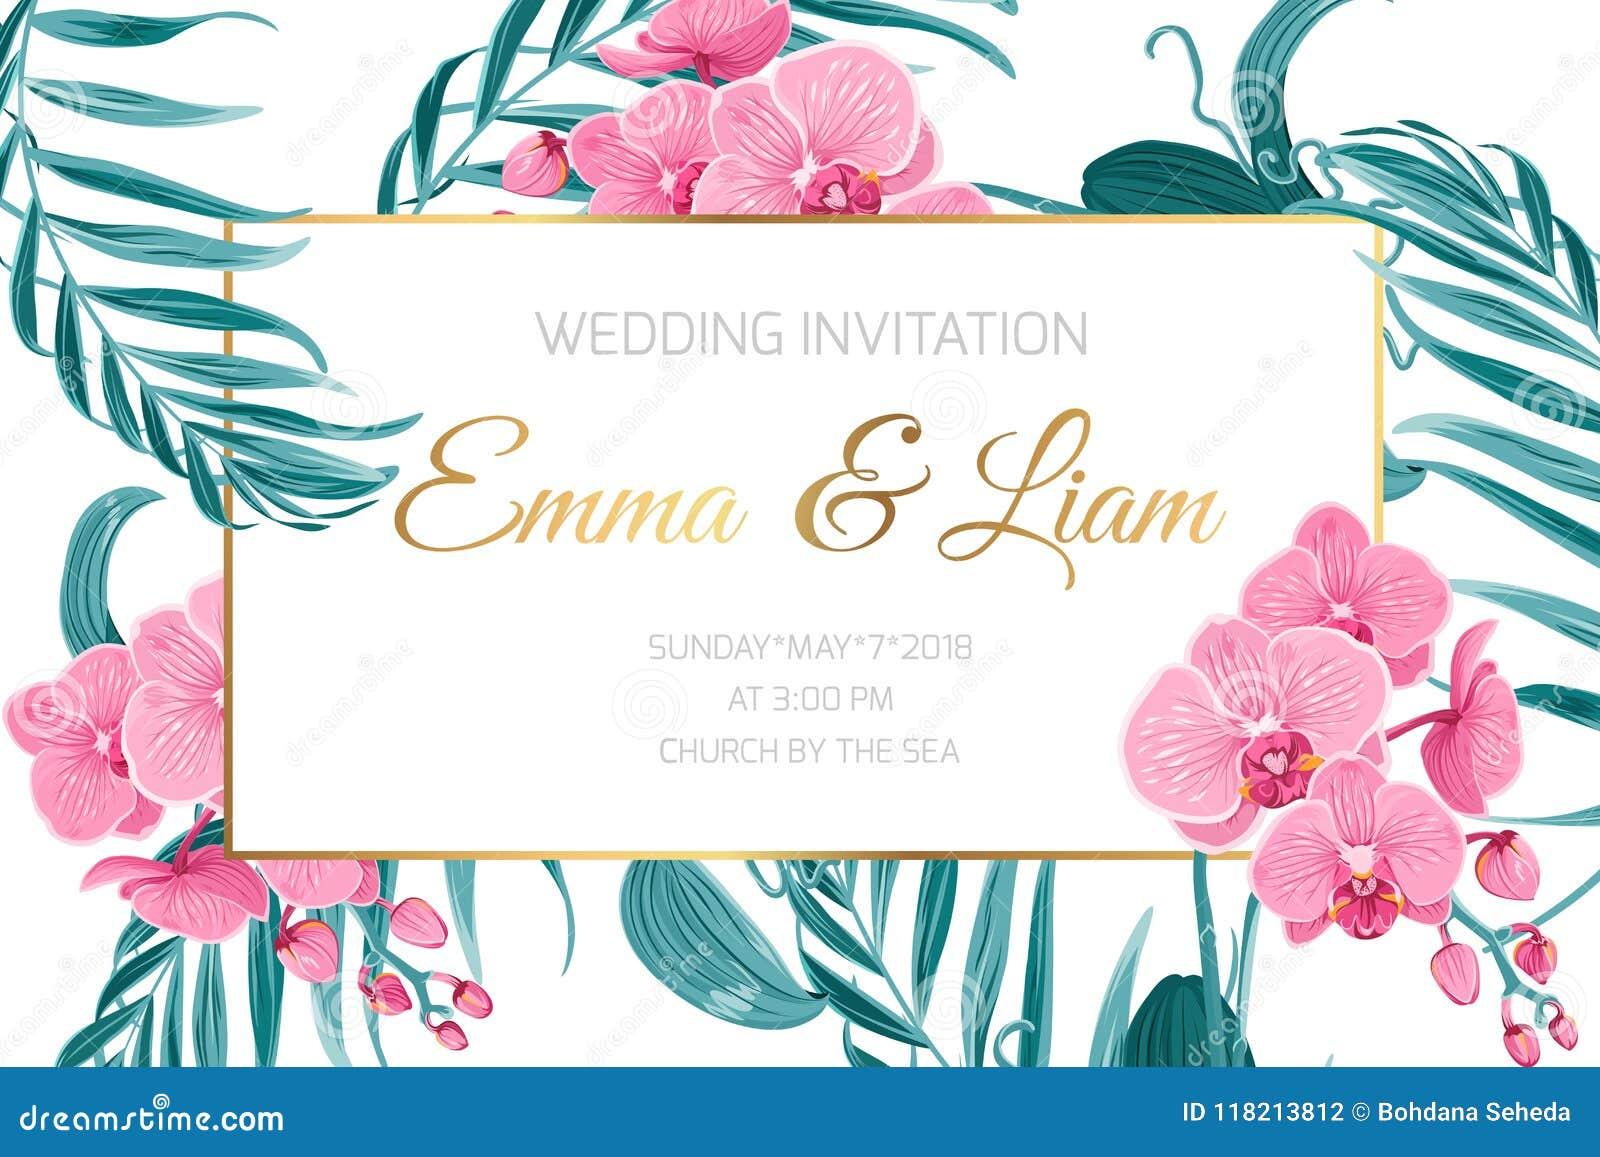 Feuilles De Fleur D Orchidee De Porte Cartes D Invitation De Mariage